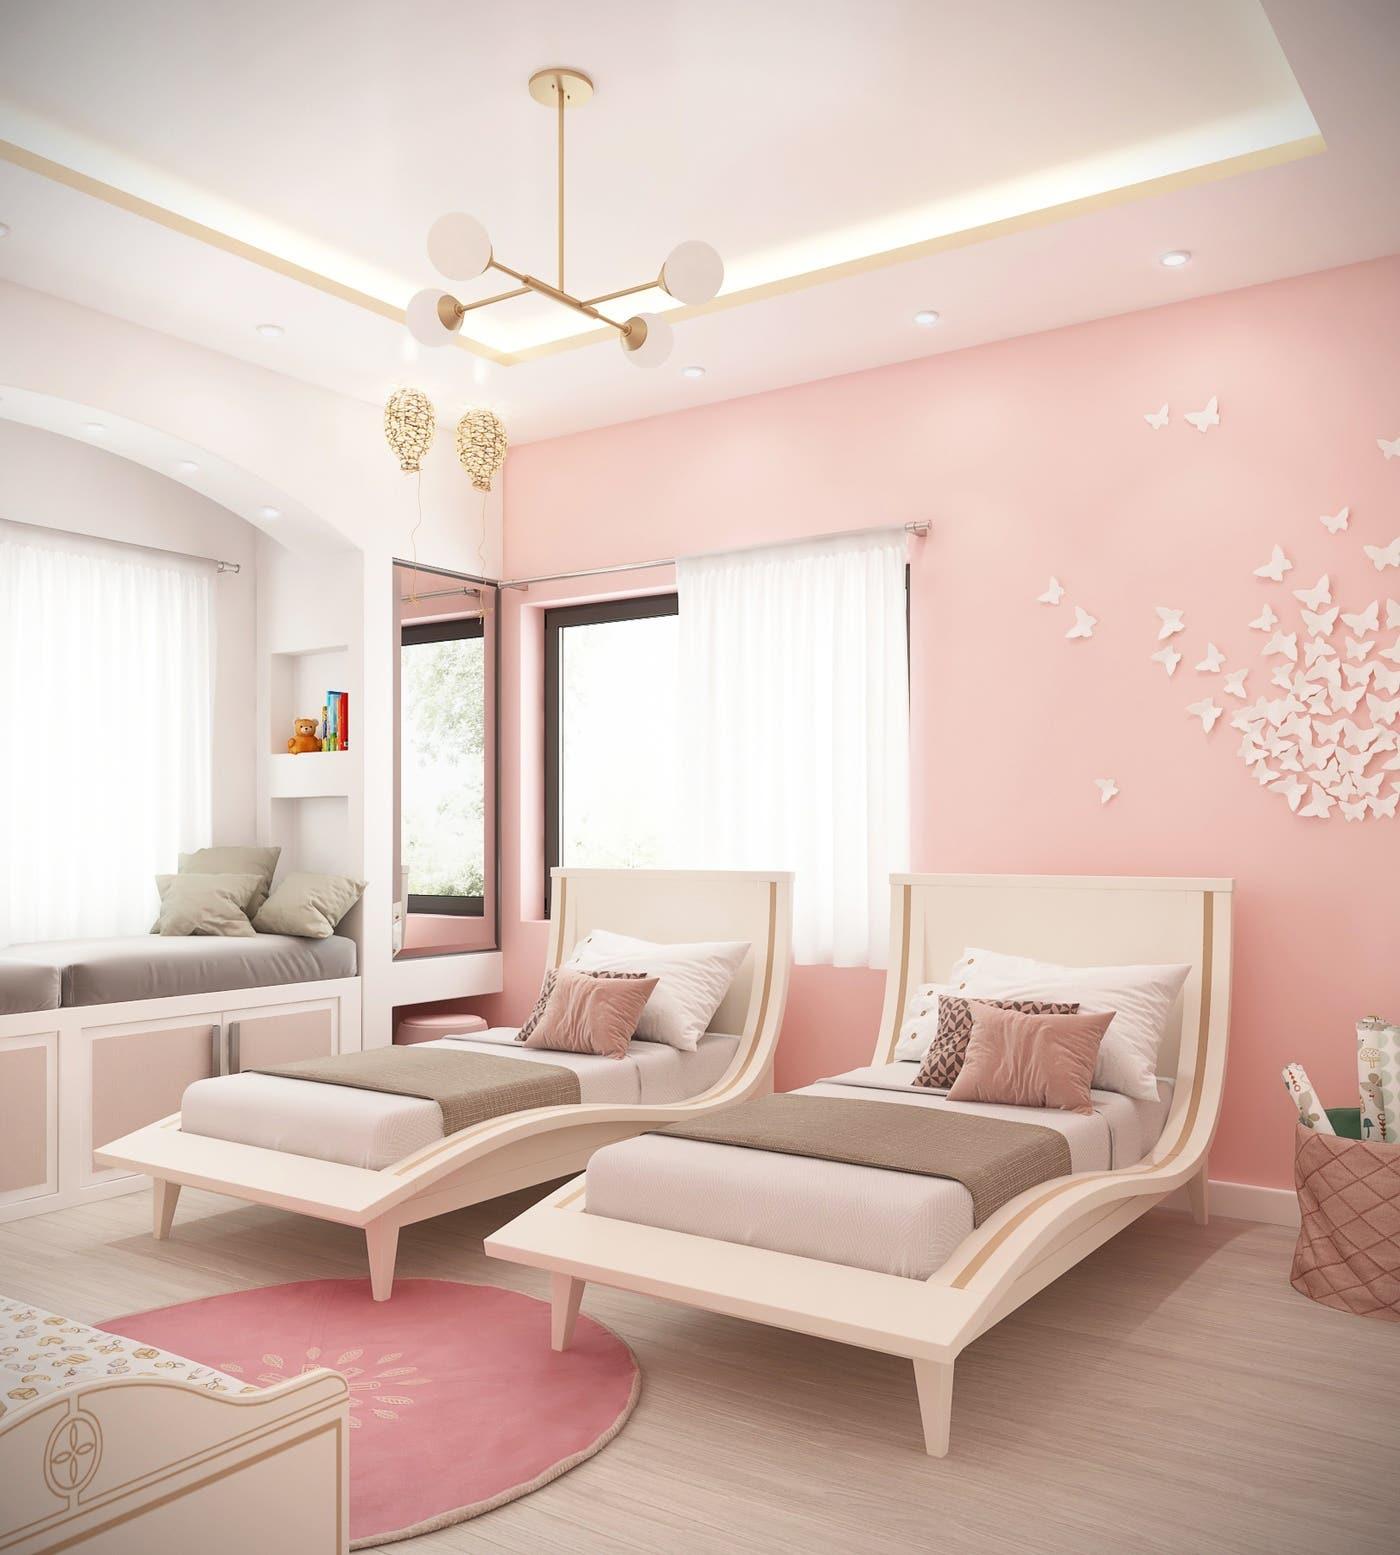 c20-girls-bedroom-pp-v03.jpg